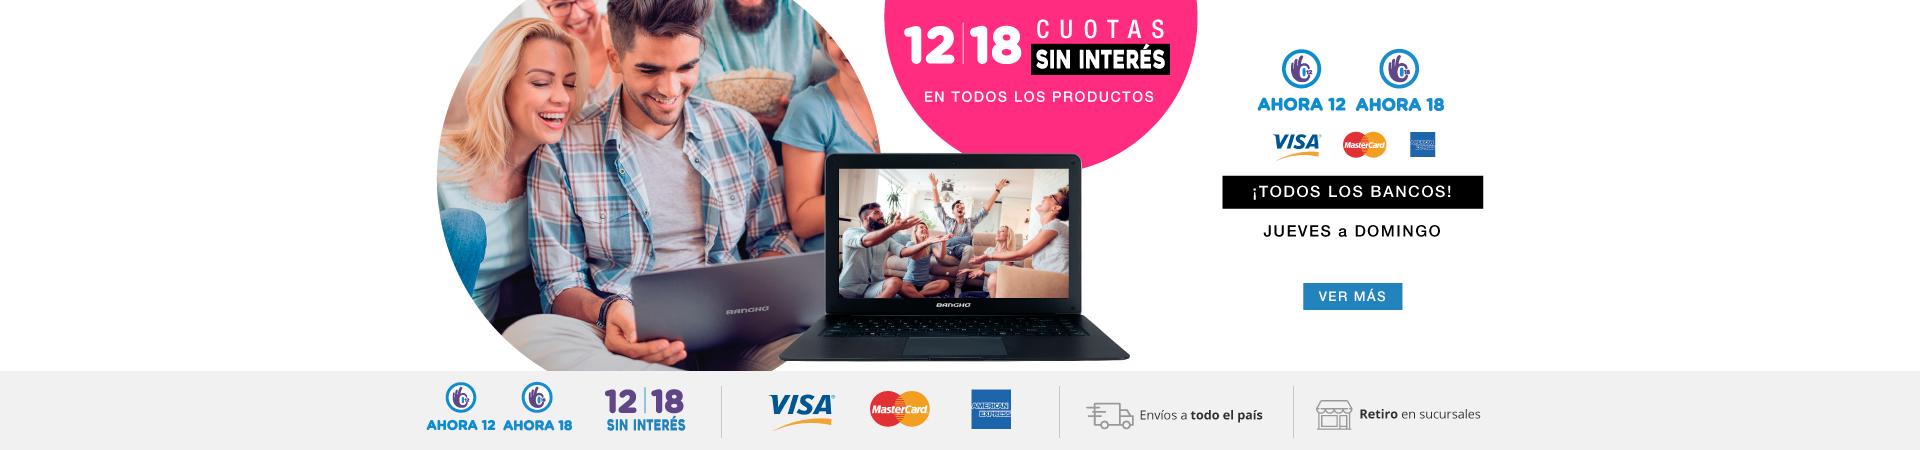 18 cero interés - Jueves a Domingo